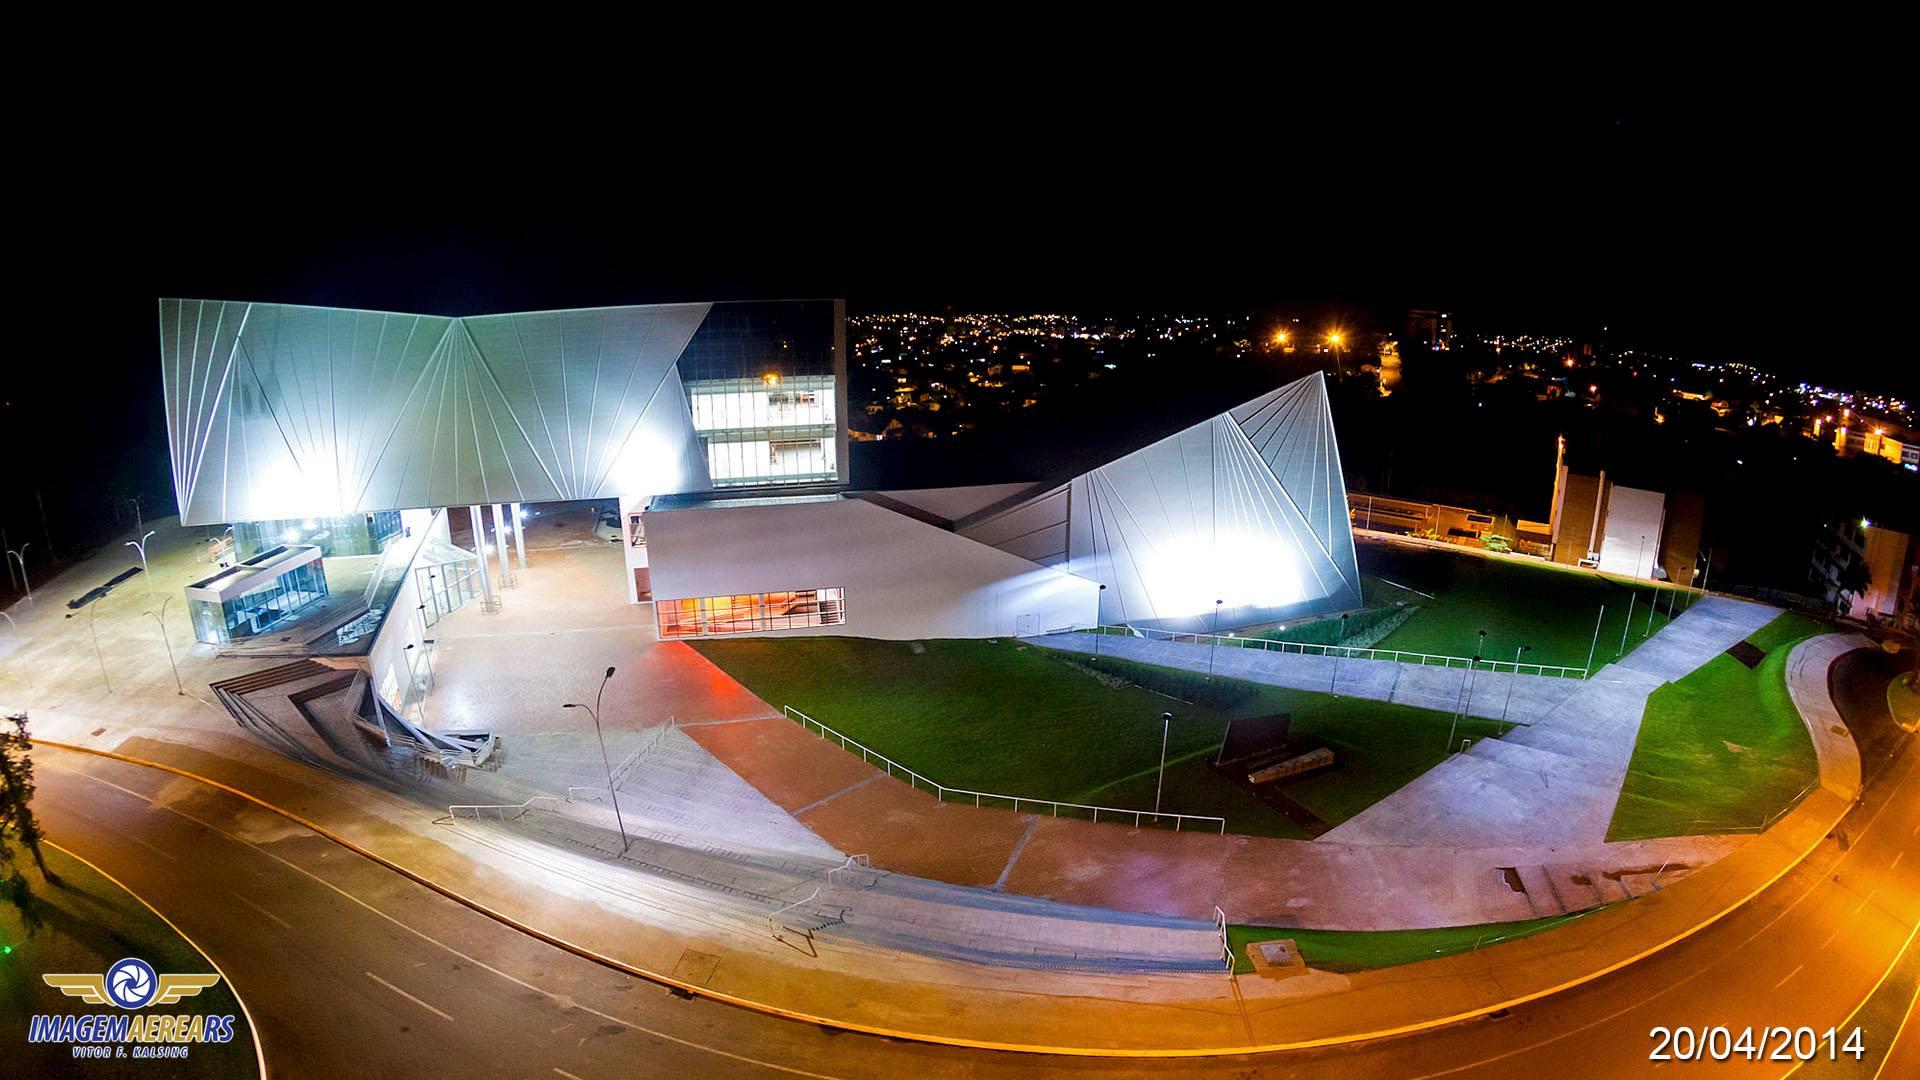 Resultado da iluminação da fachada do Centro cultural